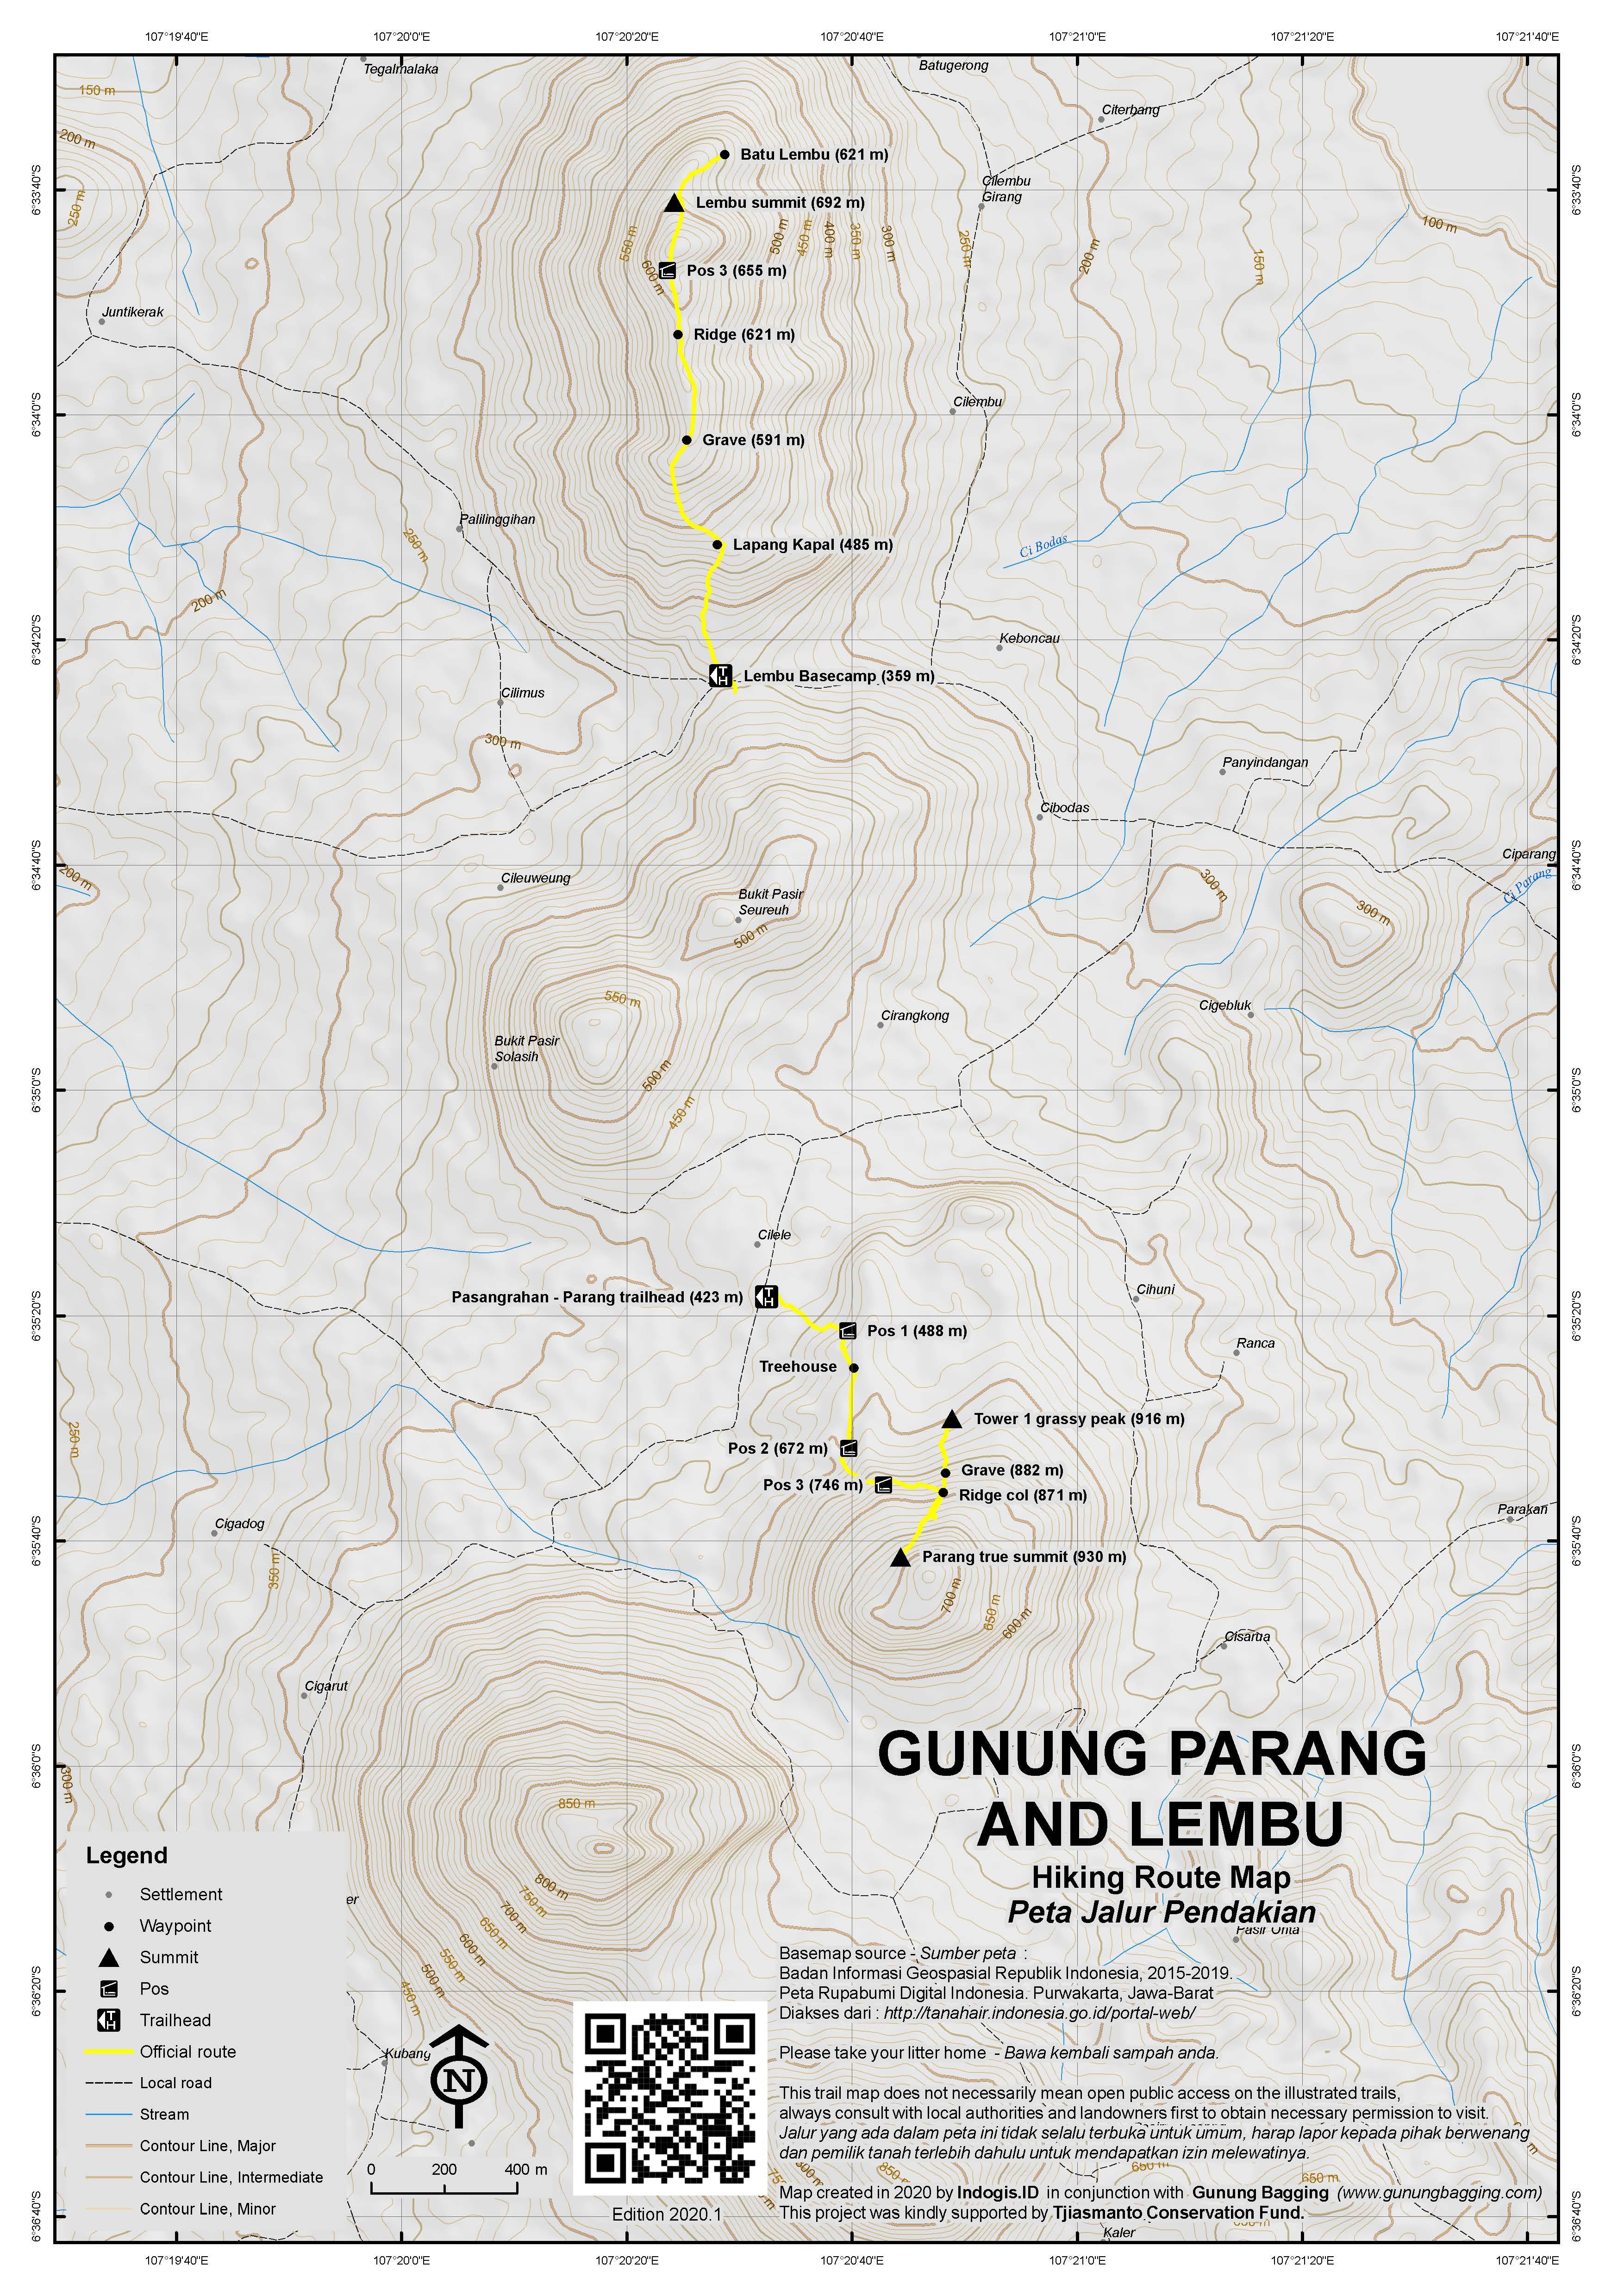 Peta Jalur Pendakian Gunung Parang